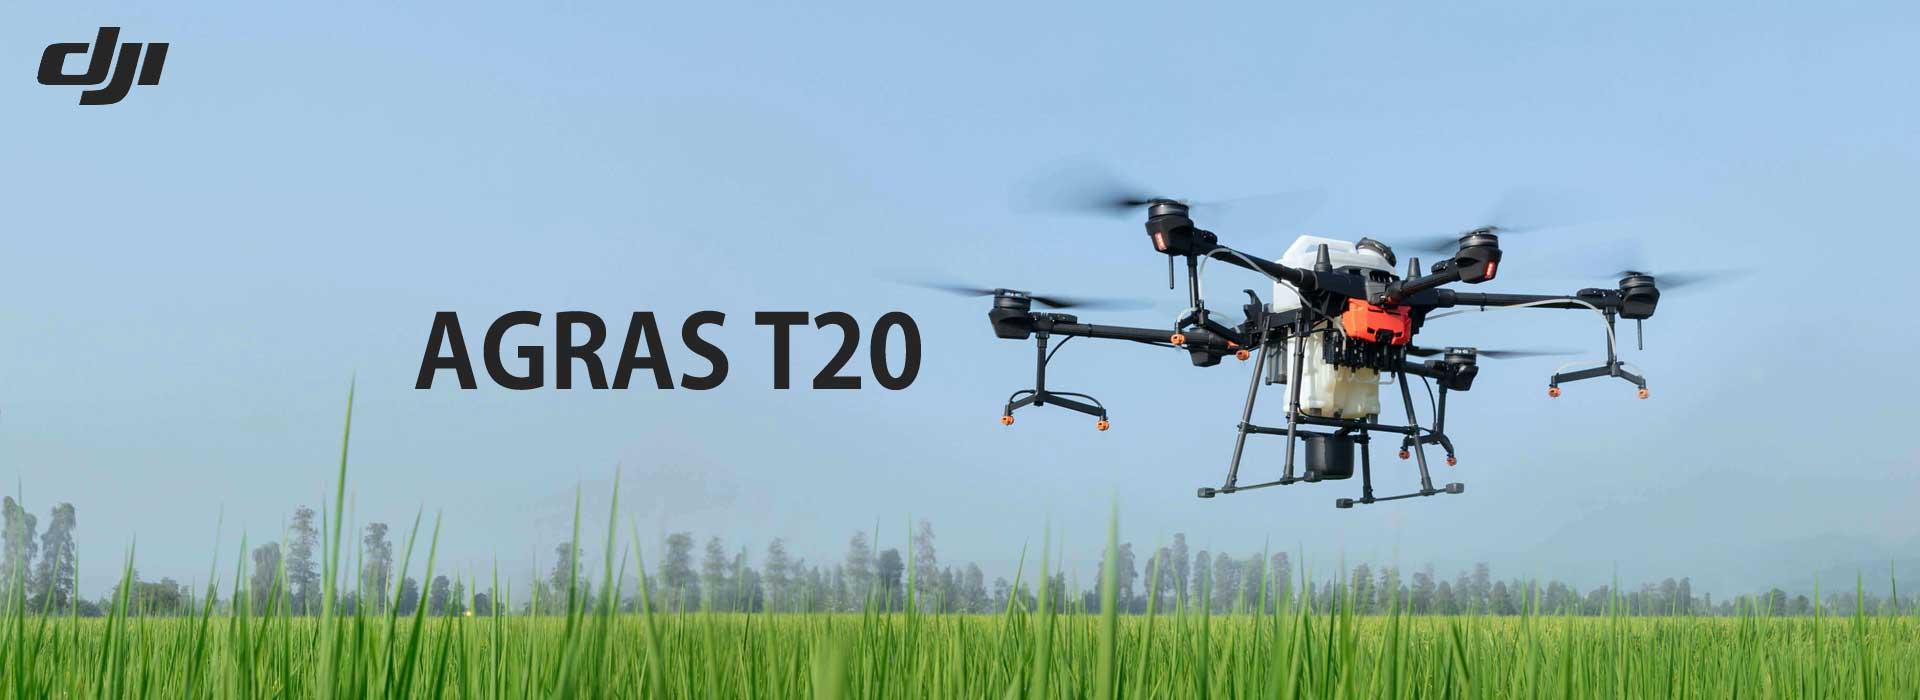 DJI AGRAS T20